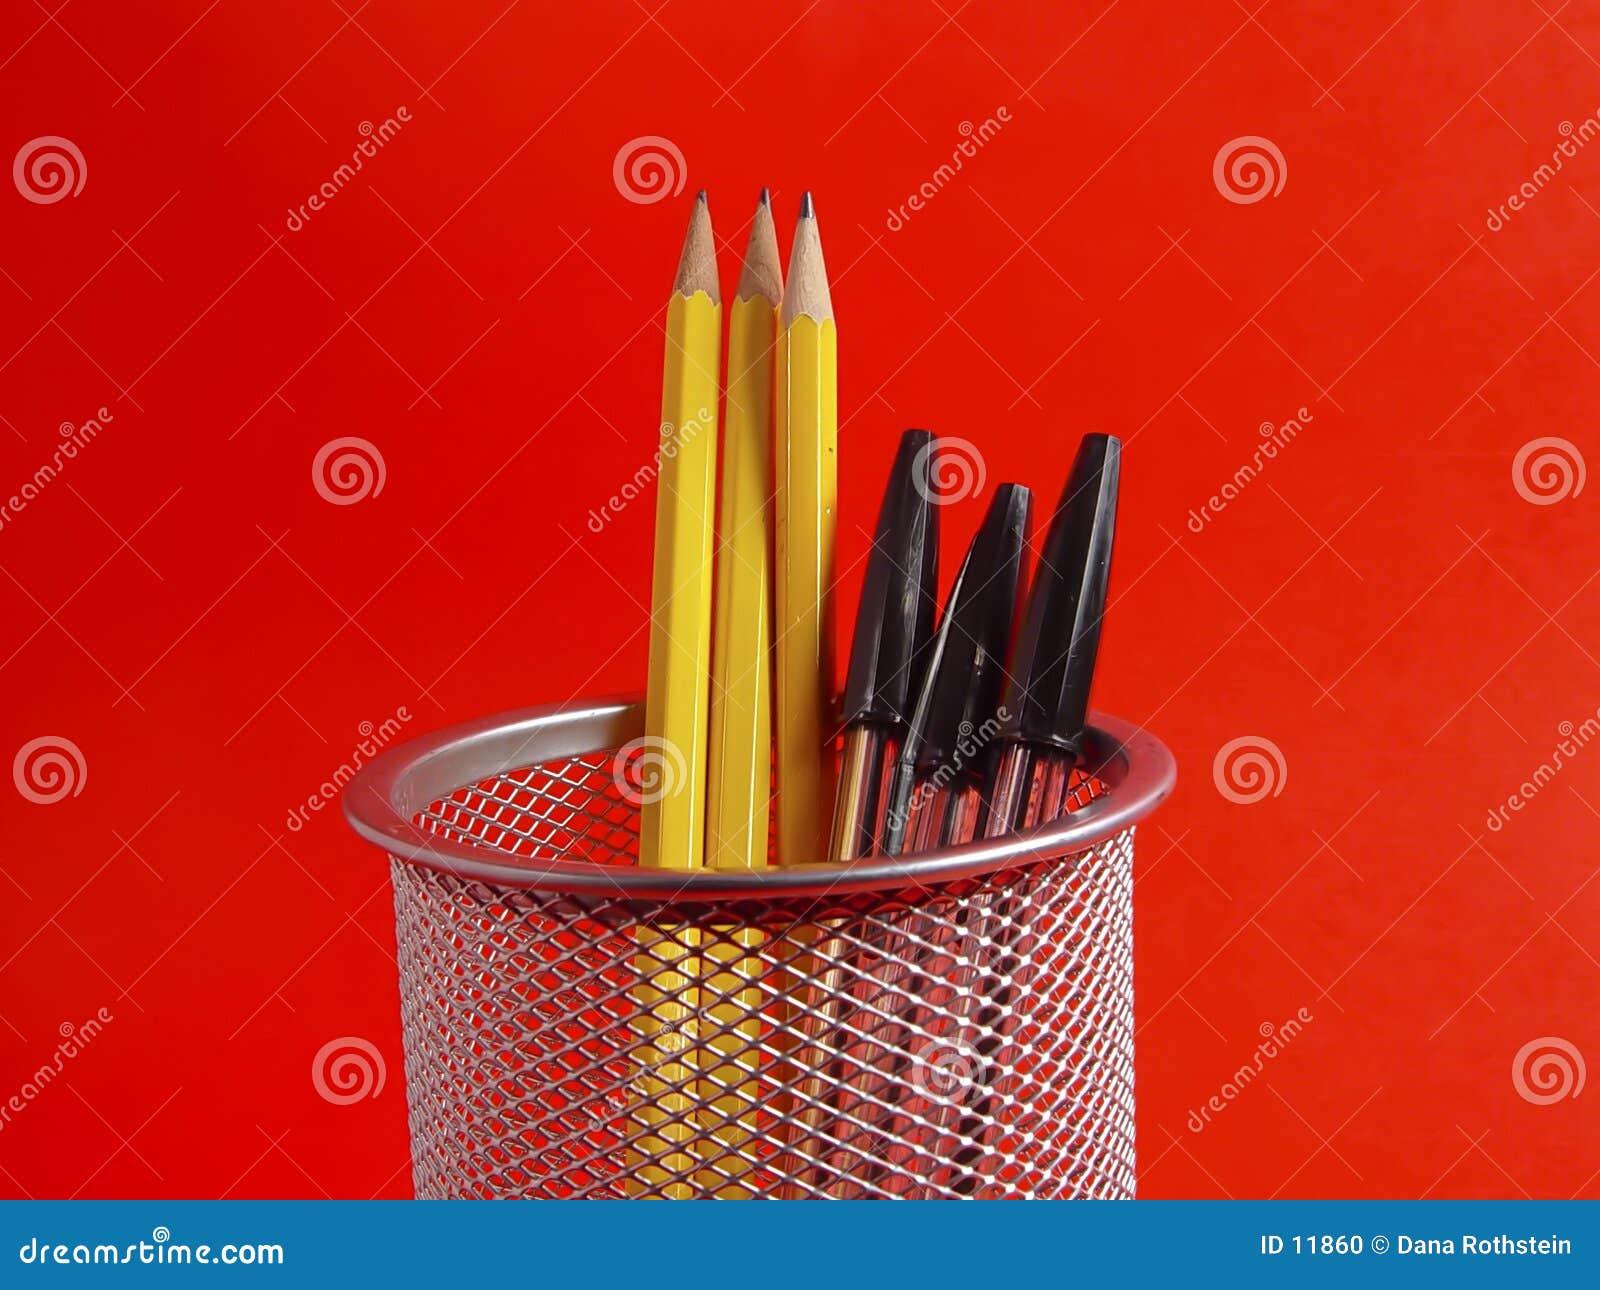 Bleistift-Halterung auf Rot